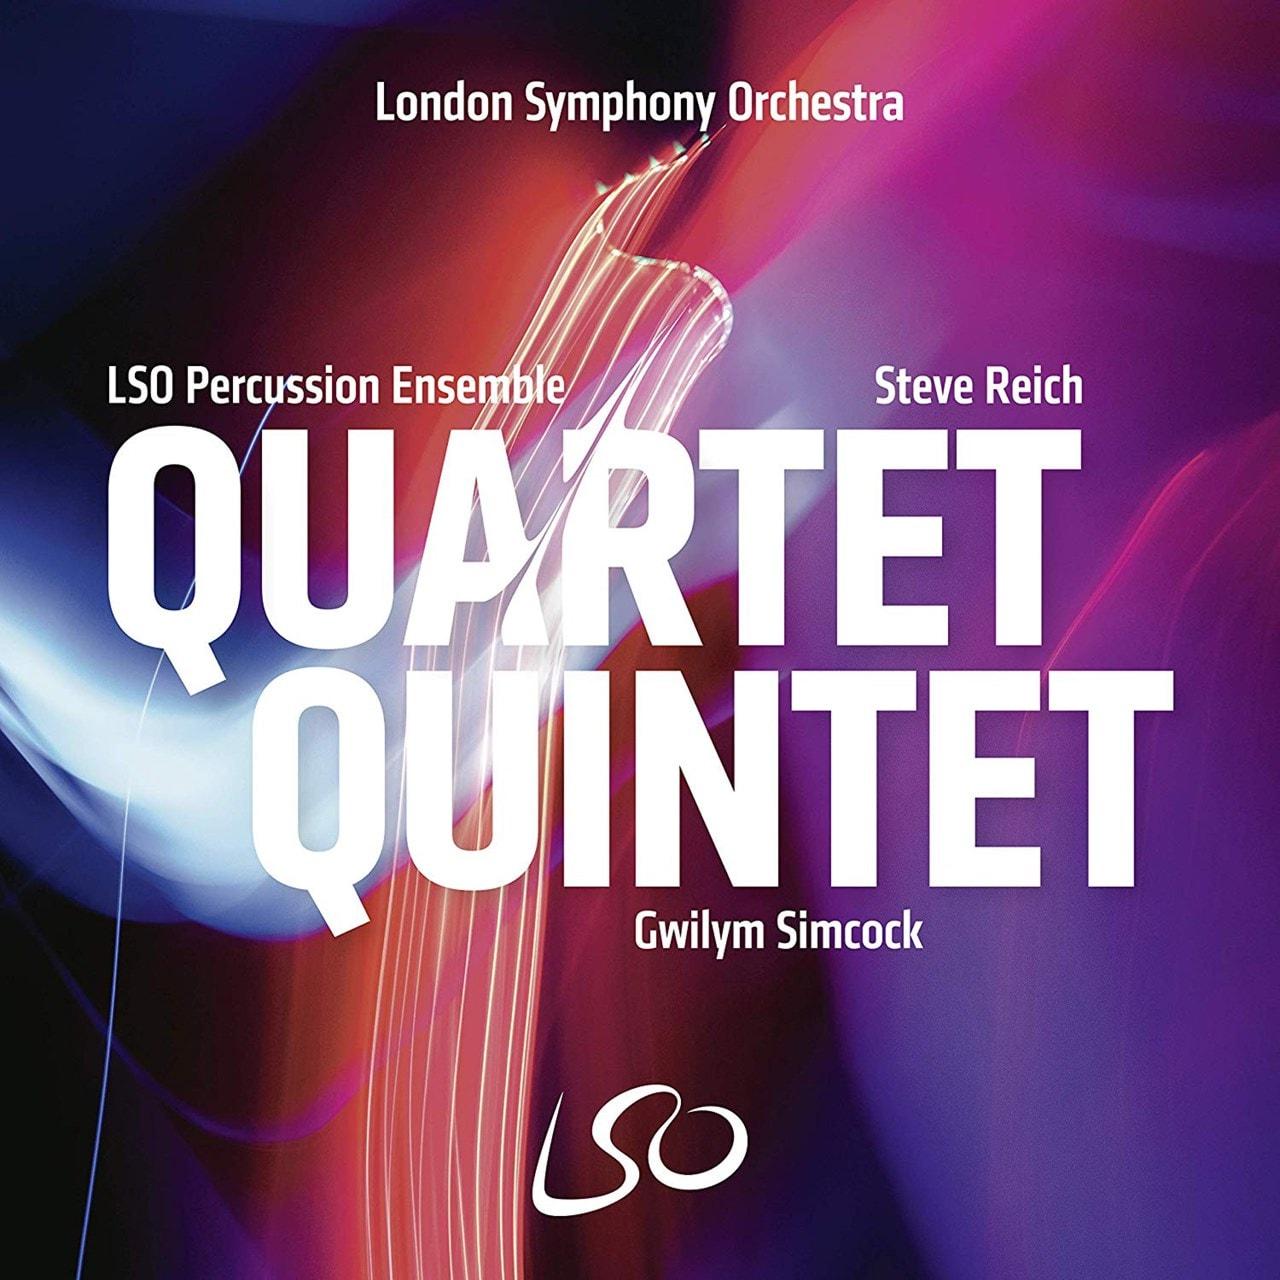 LSO Percussion Ensemble: Quartet Quintet - 1